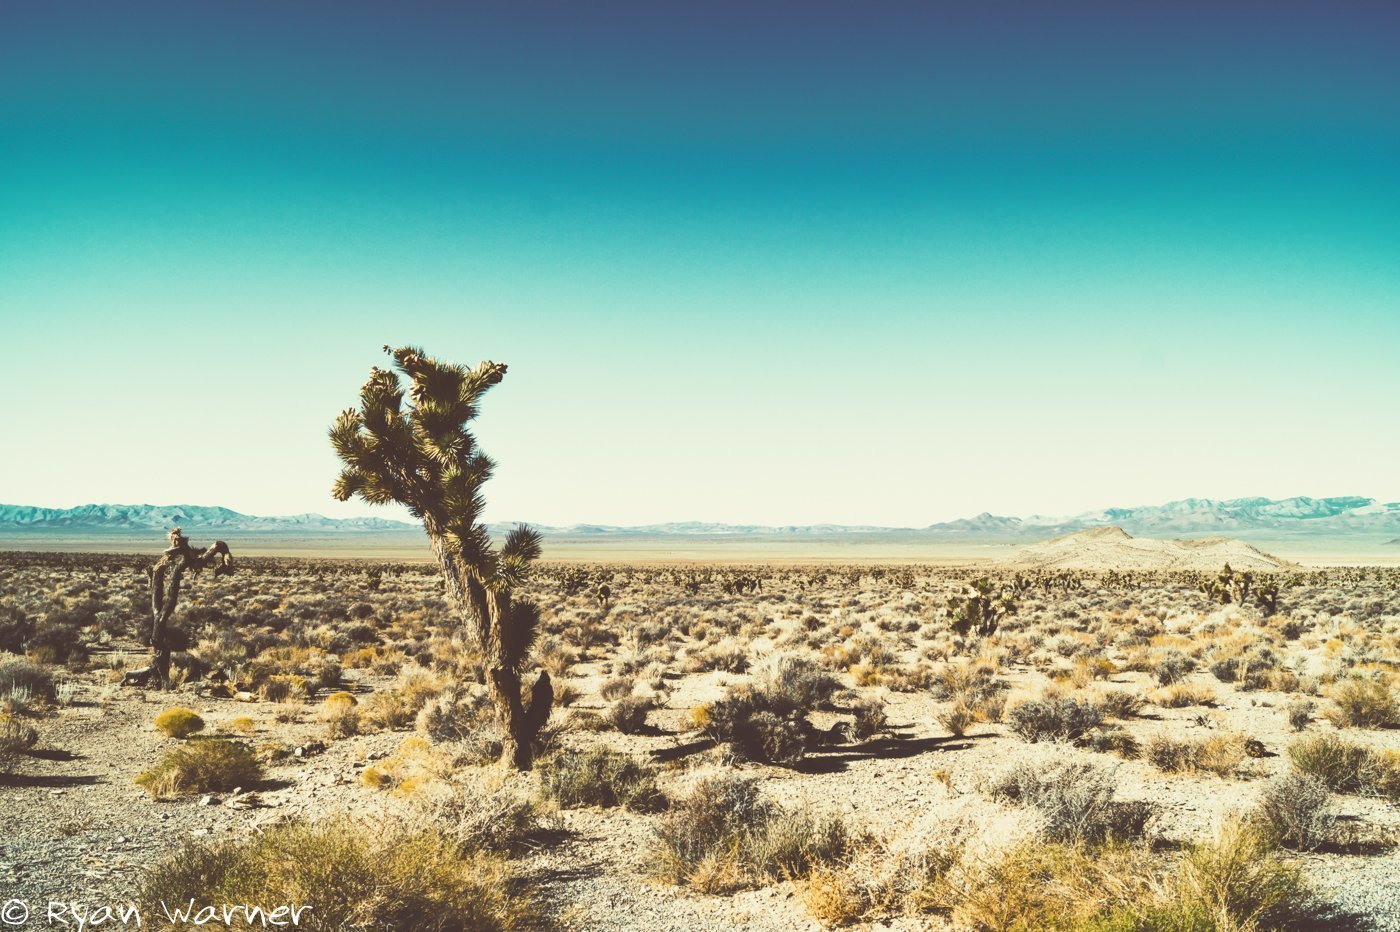 Ryan Warner - ET Highway #1 - Photography